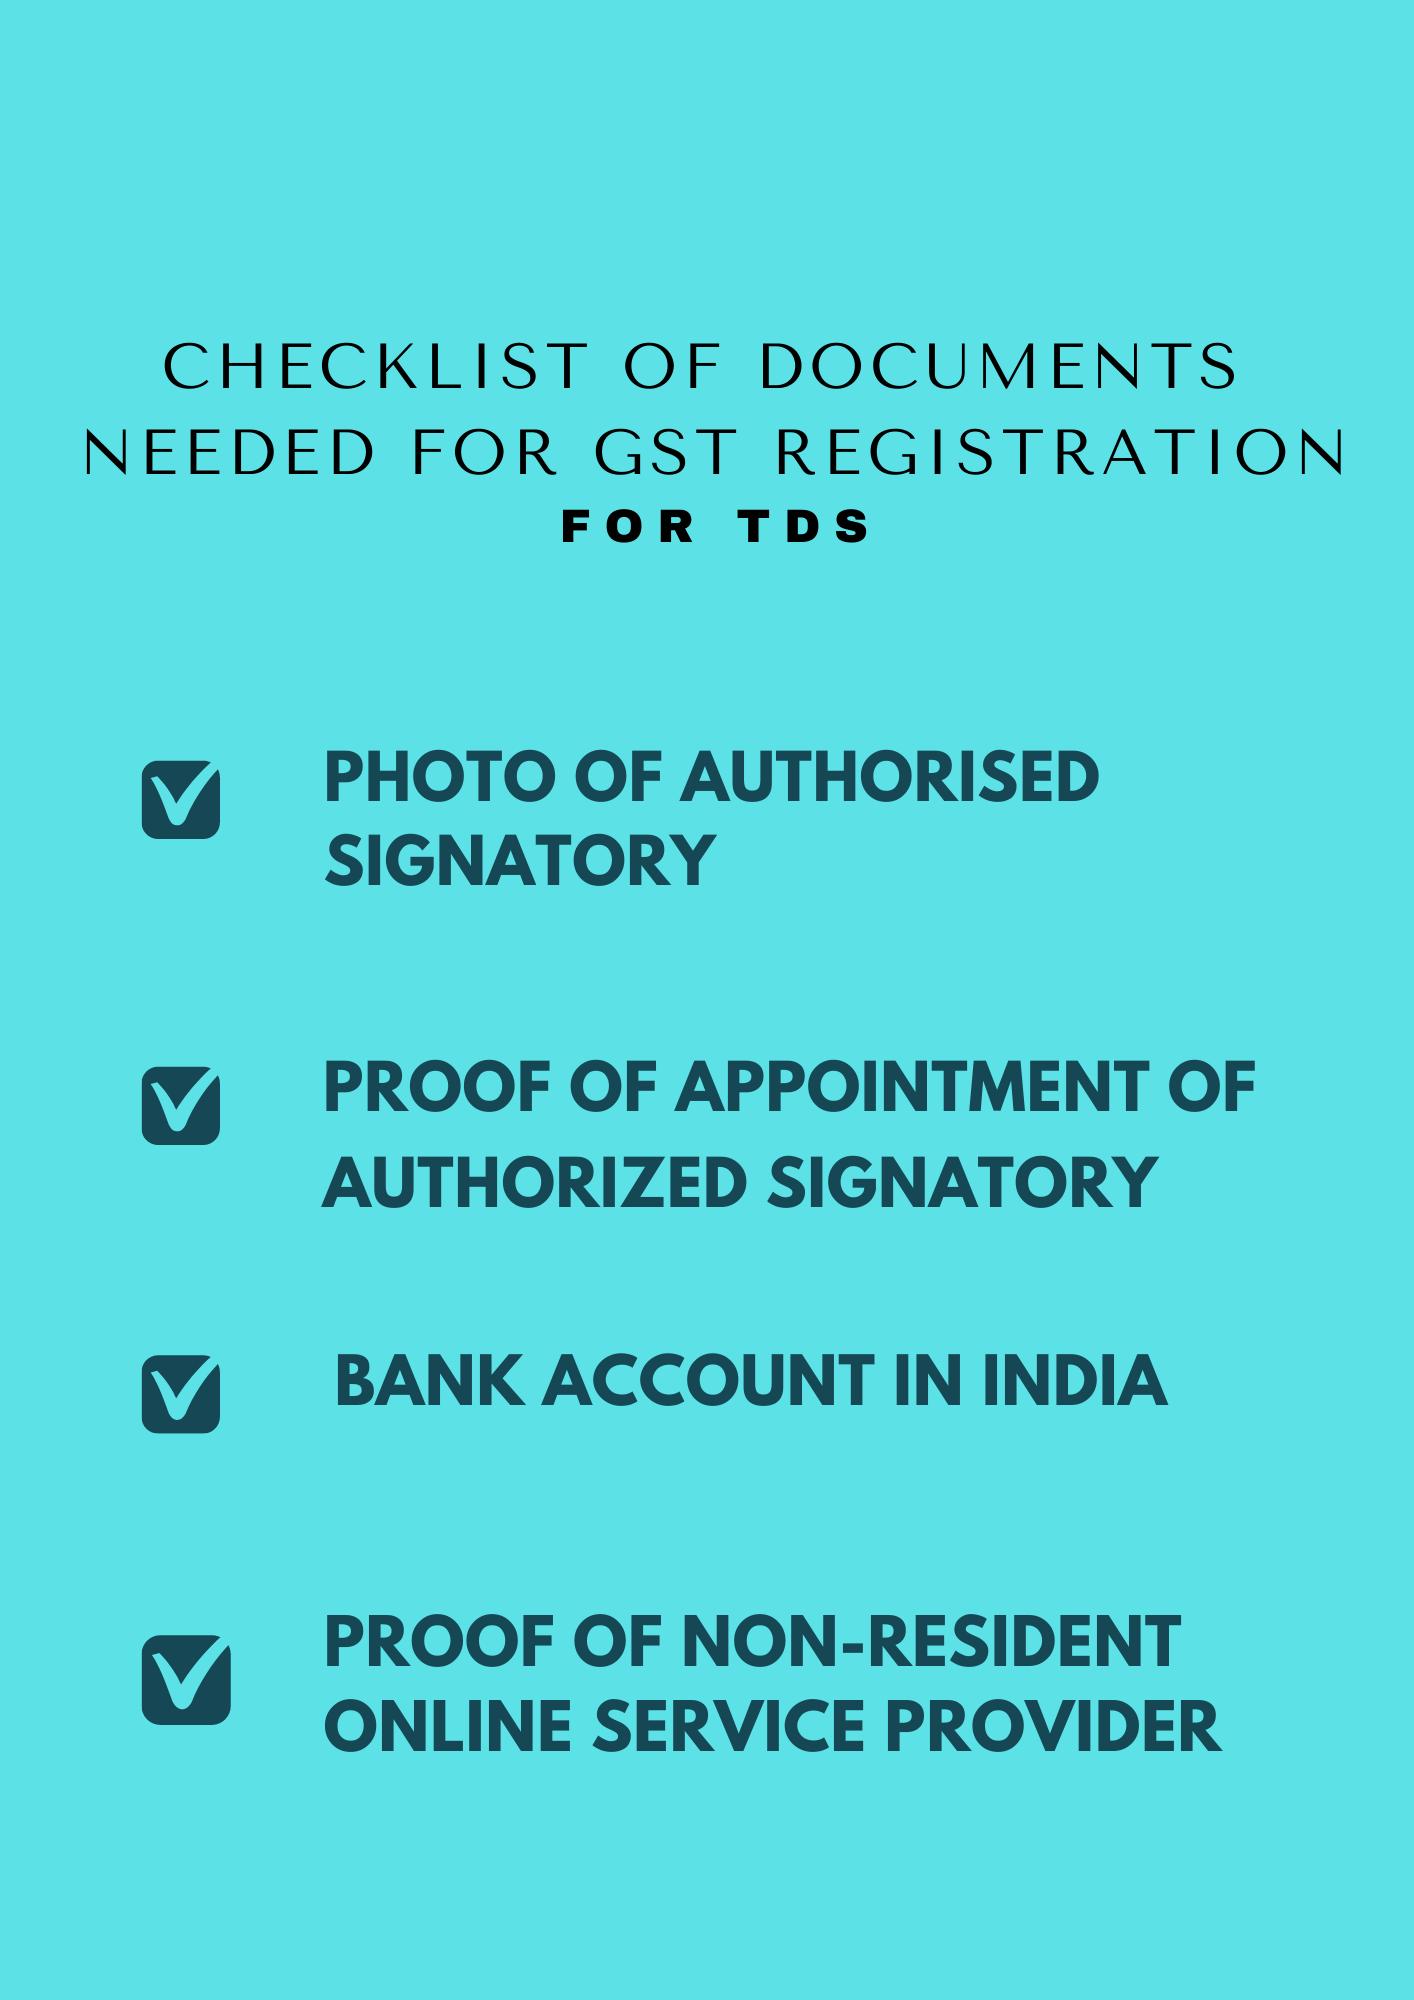 GST registration for TDS